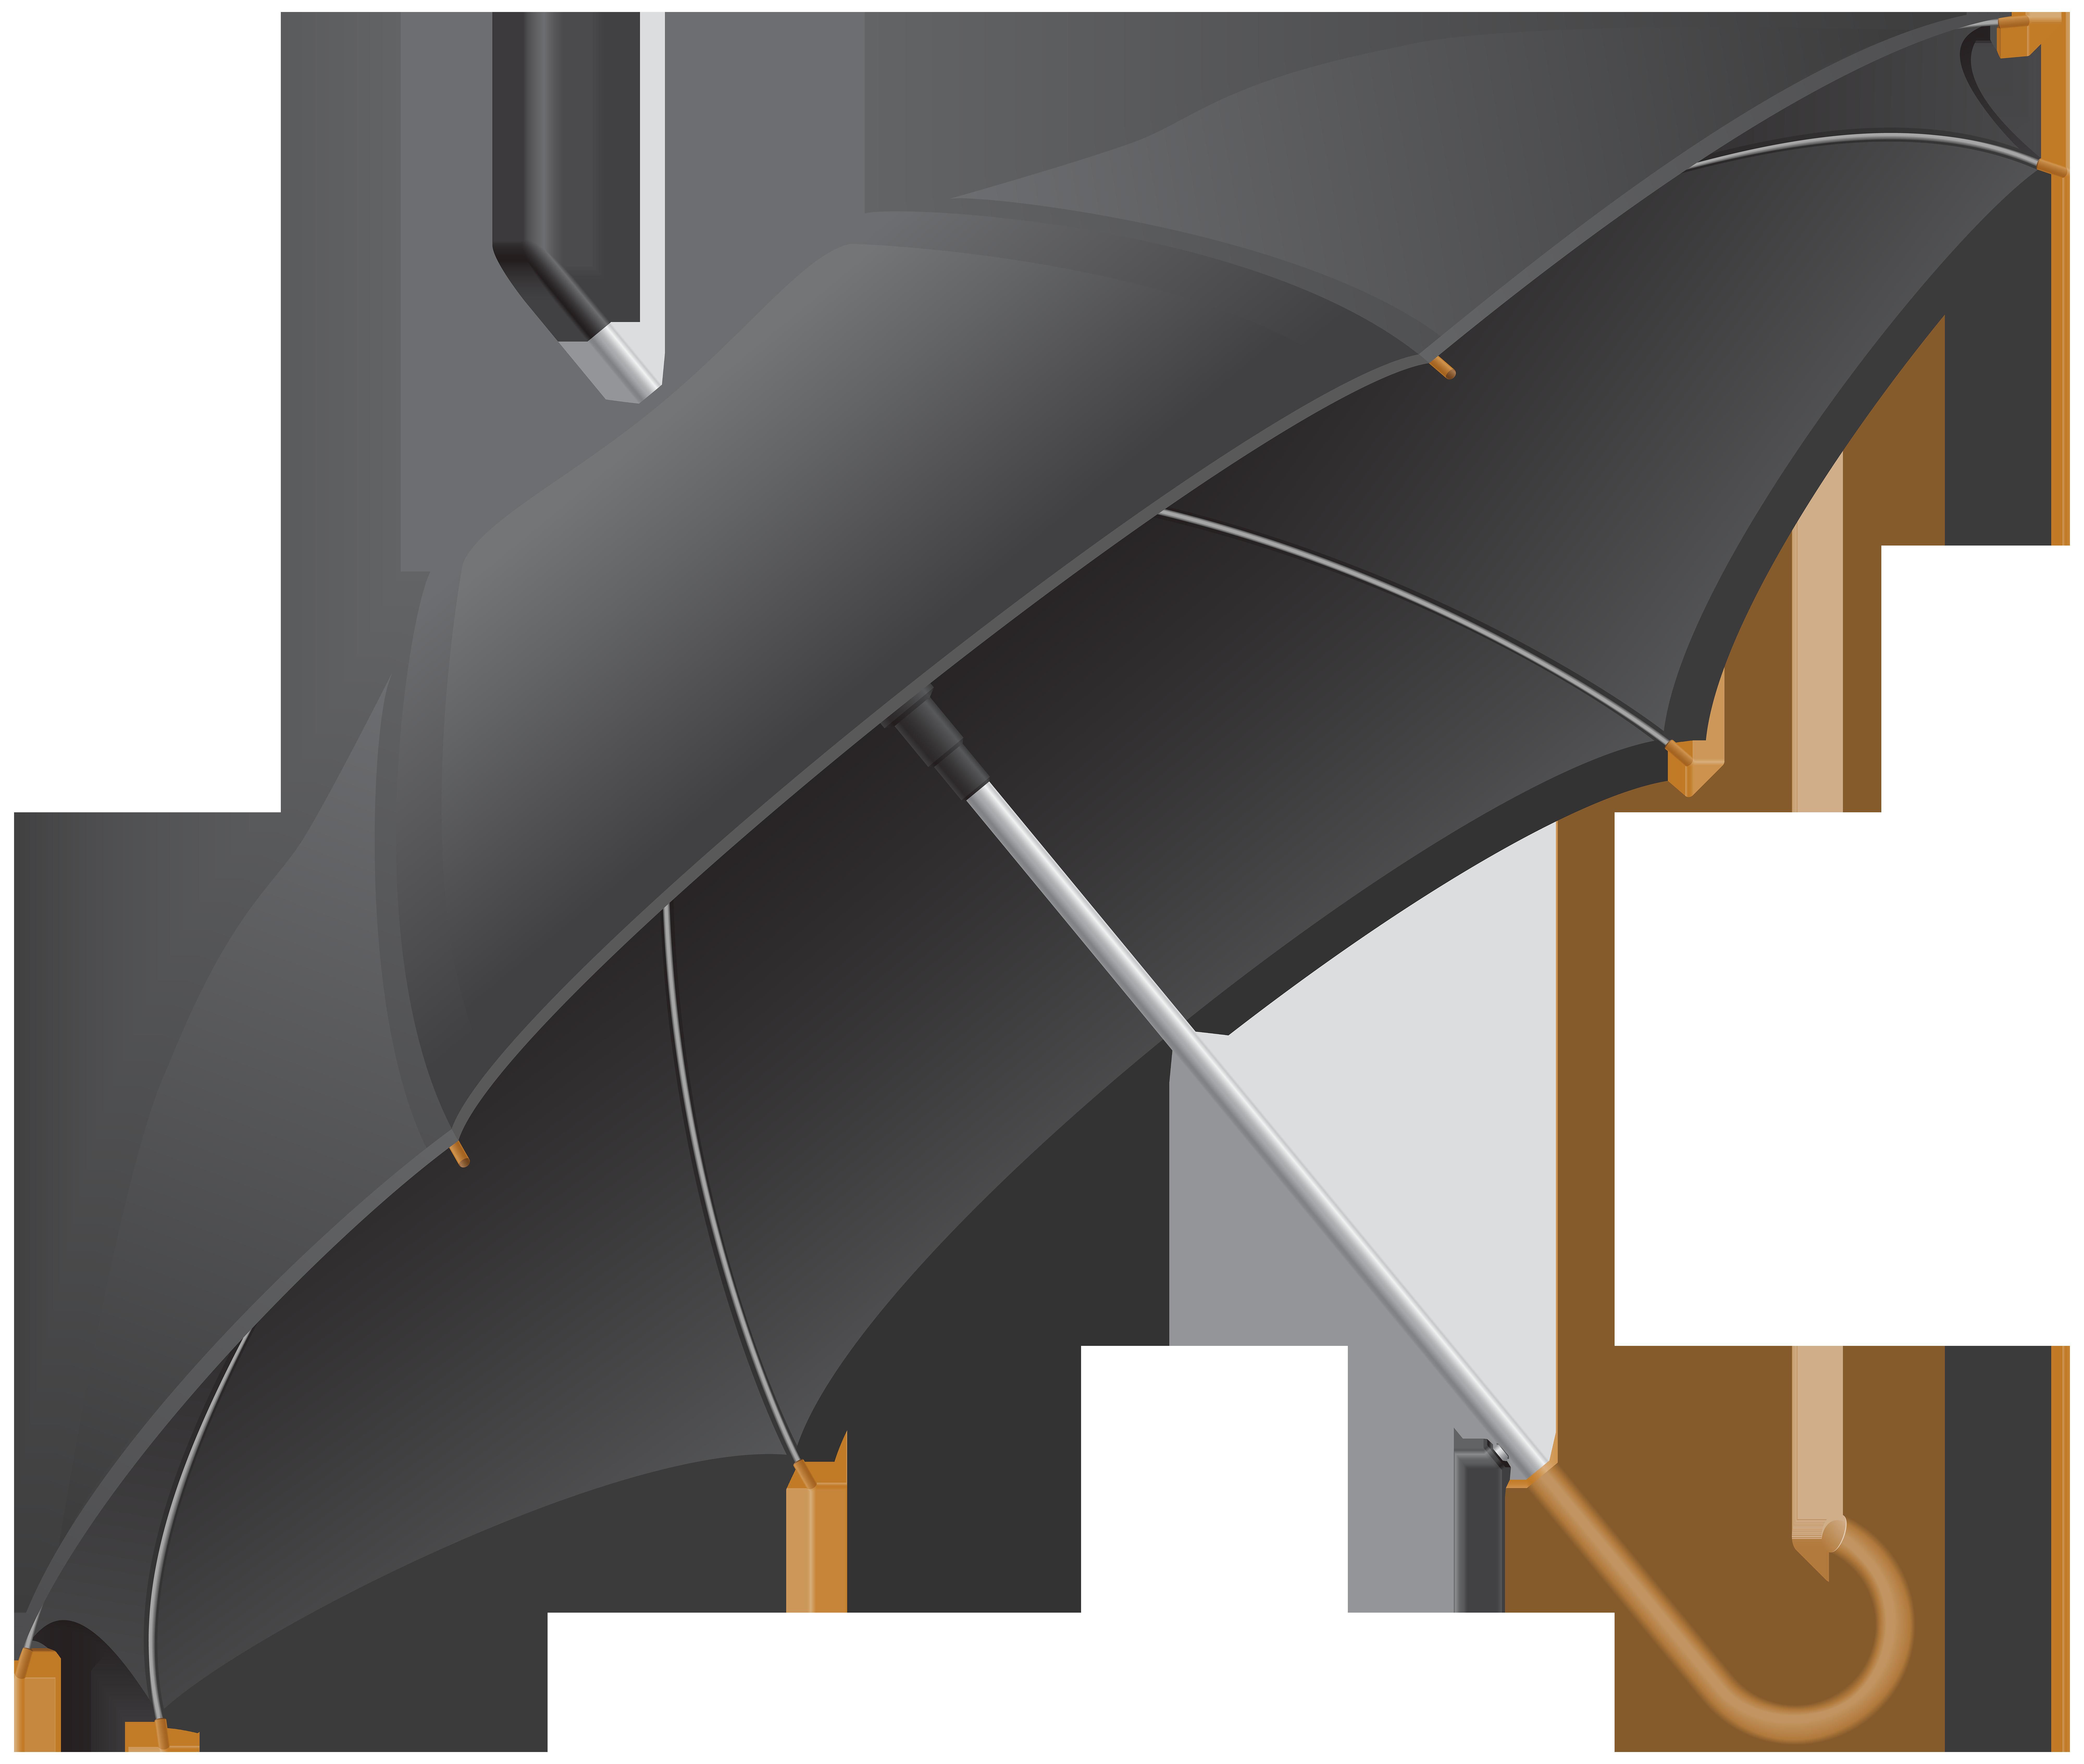 Clipart umbrella gray. Black transparent png clip